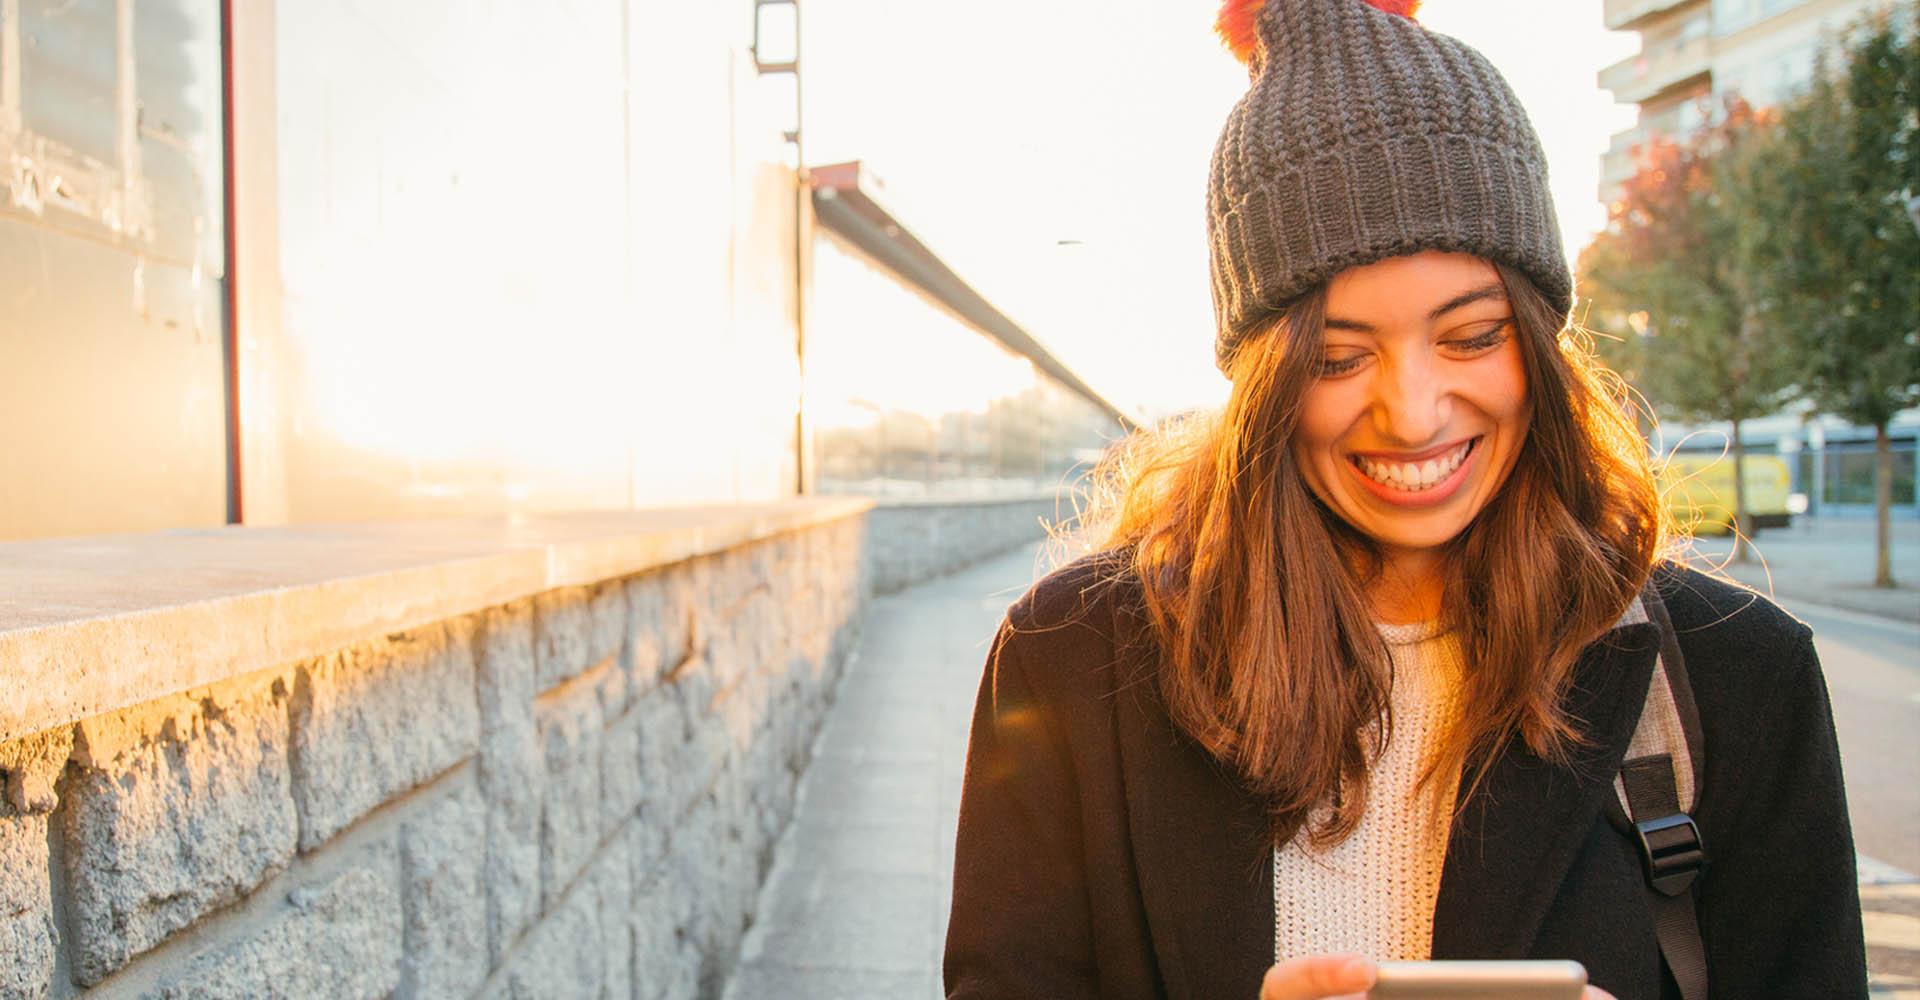 Junge Frau stellt am iPhone die Anrufaudioausgabe um.